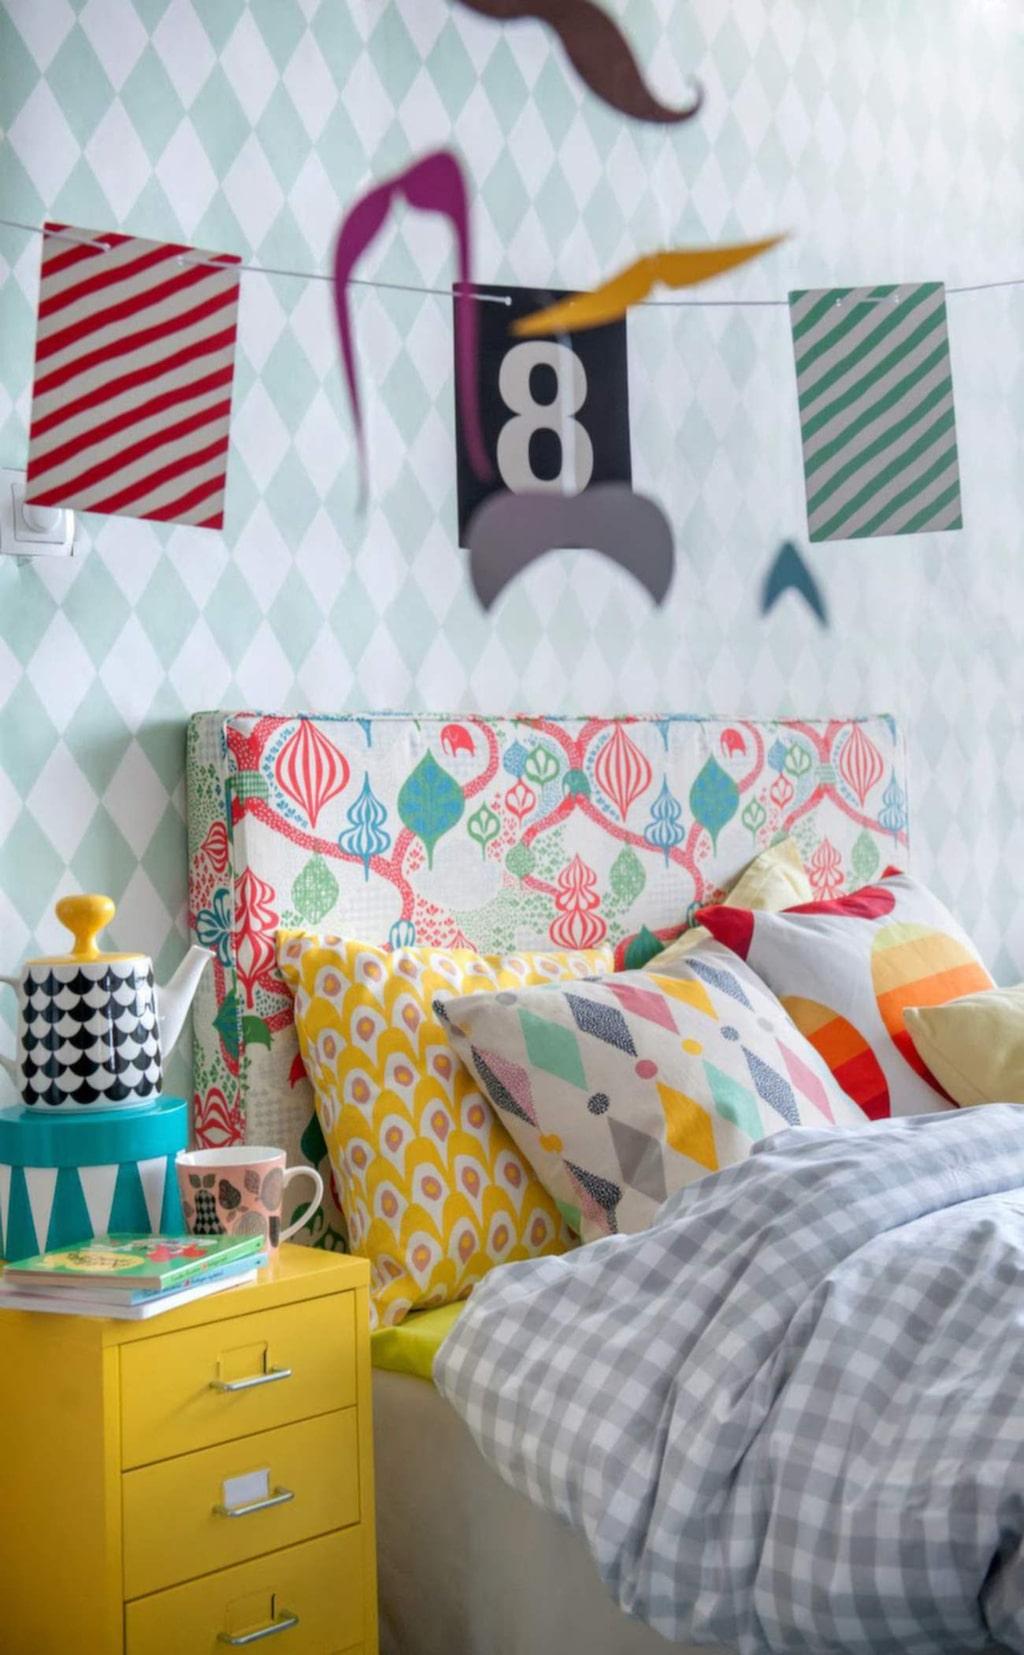 Mönsterfest! Lekfullt sovrum med tyger från Bemz som gör designade överdrag till Ikea-möbler. Här mönster från bland annat svenska designföretaget Littlephant.